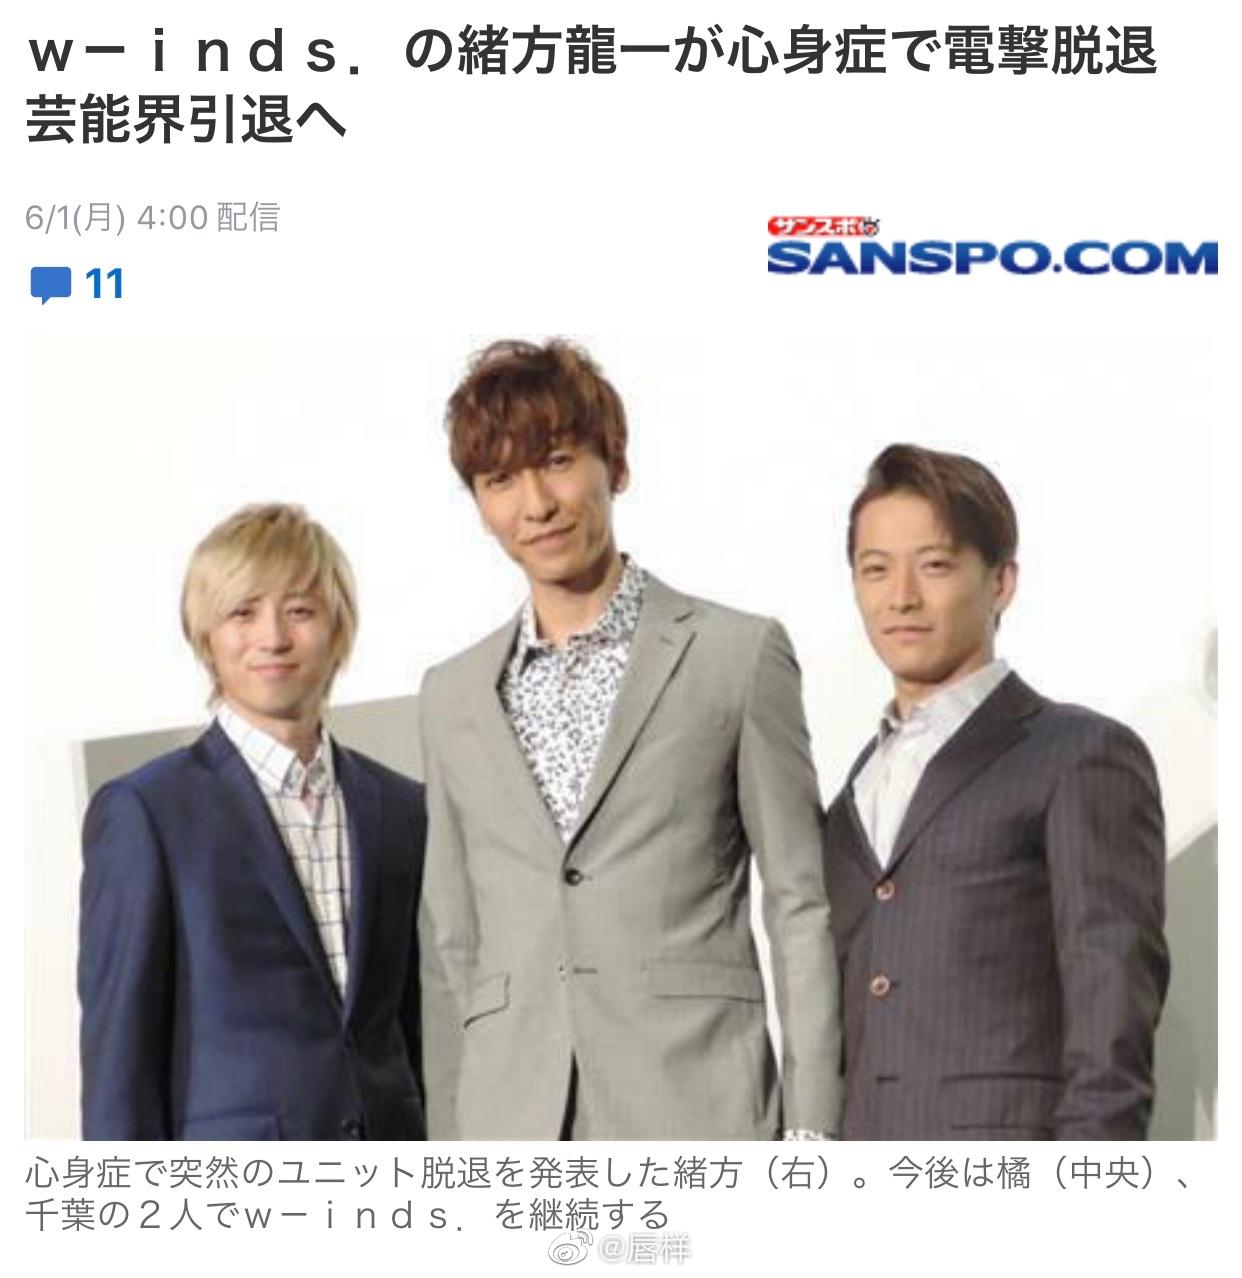 明年3月迎来出道20周年的男性3人组合w-inds